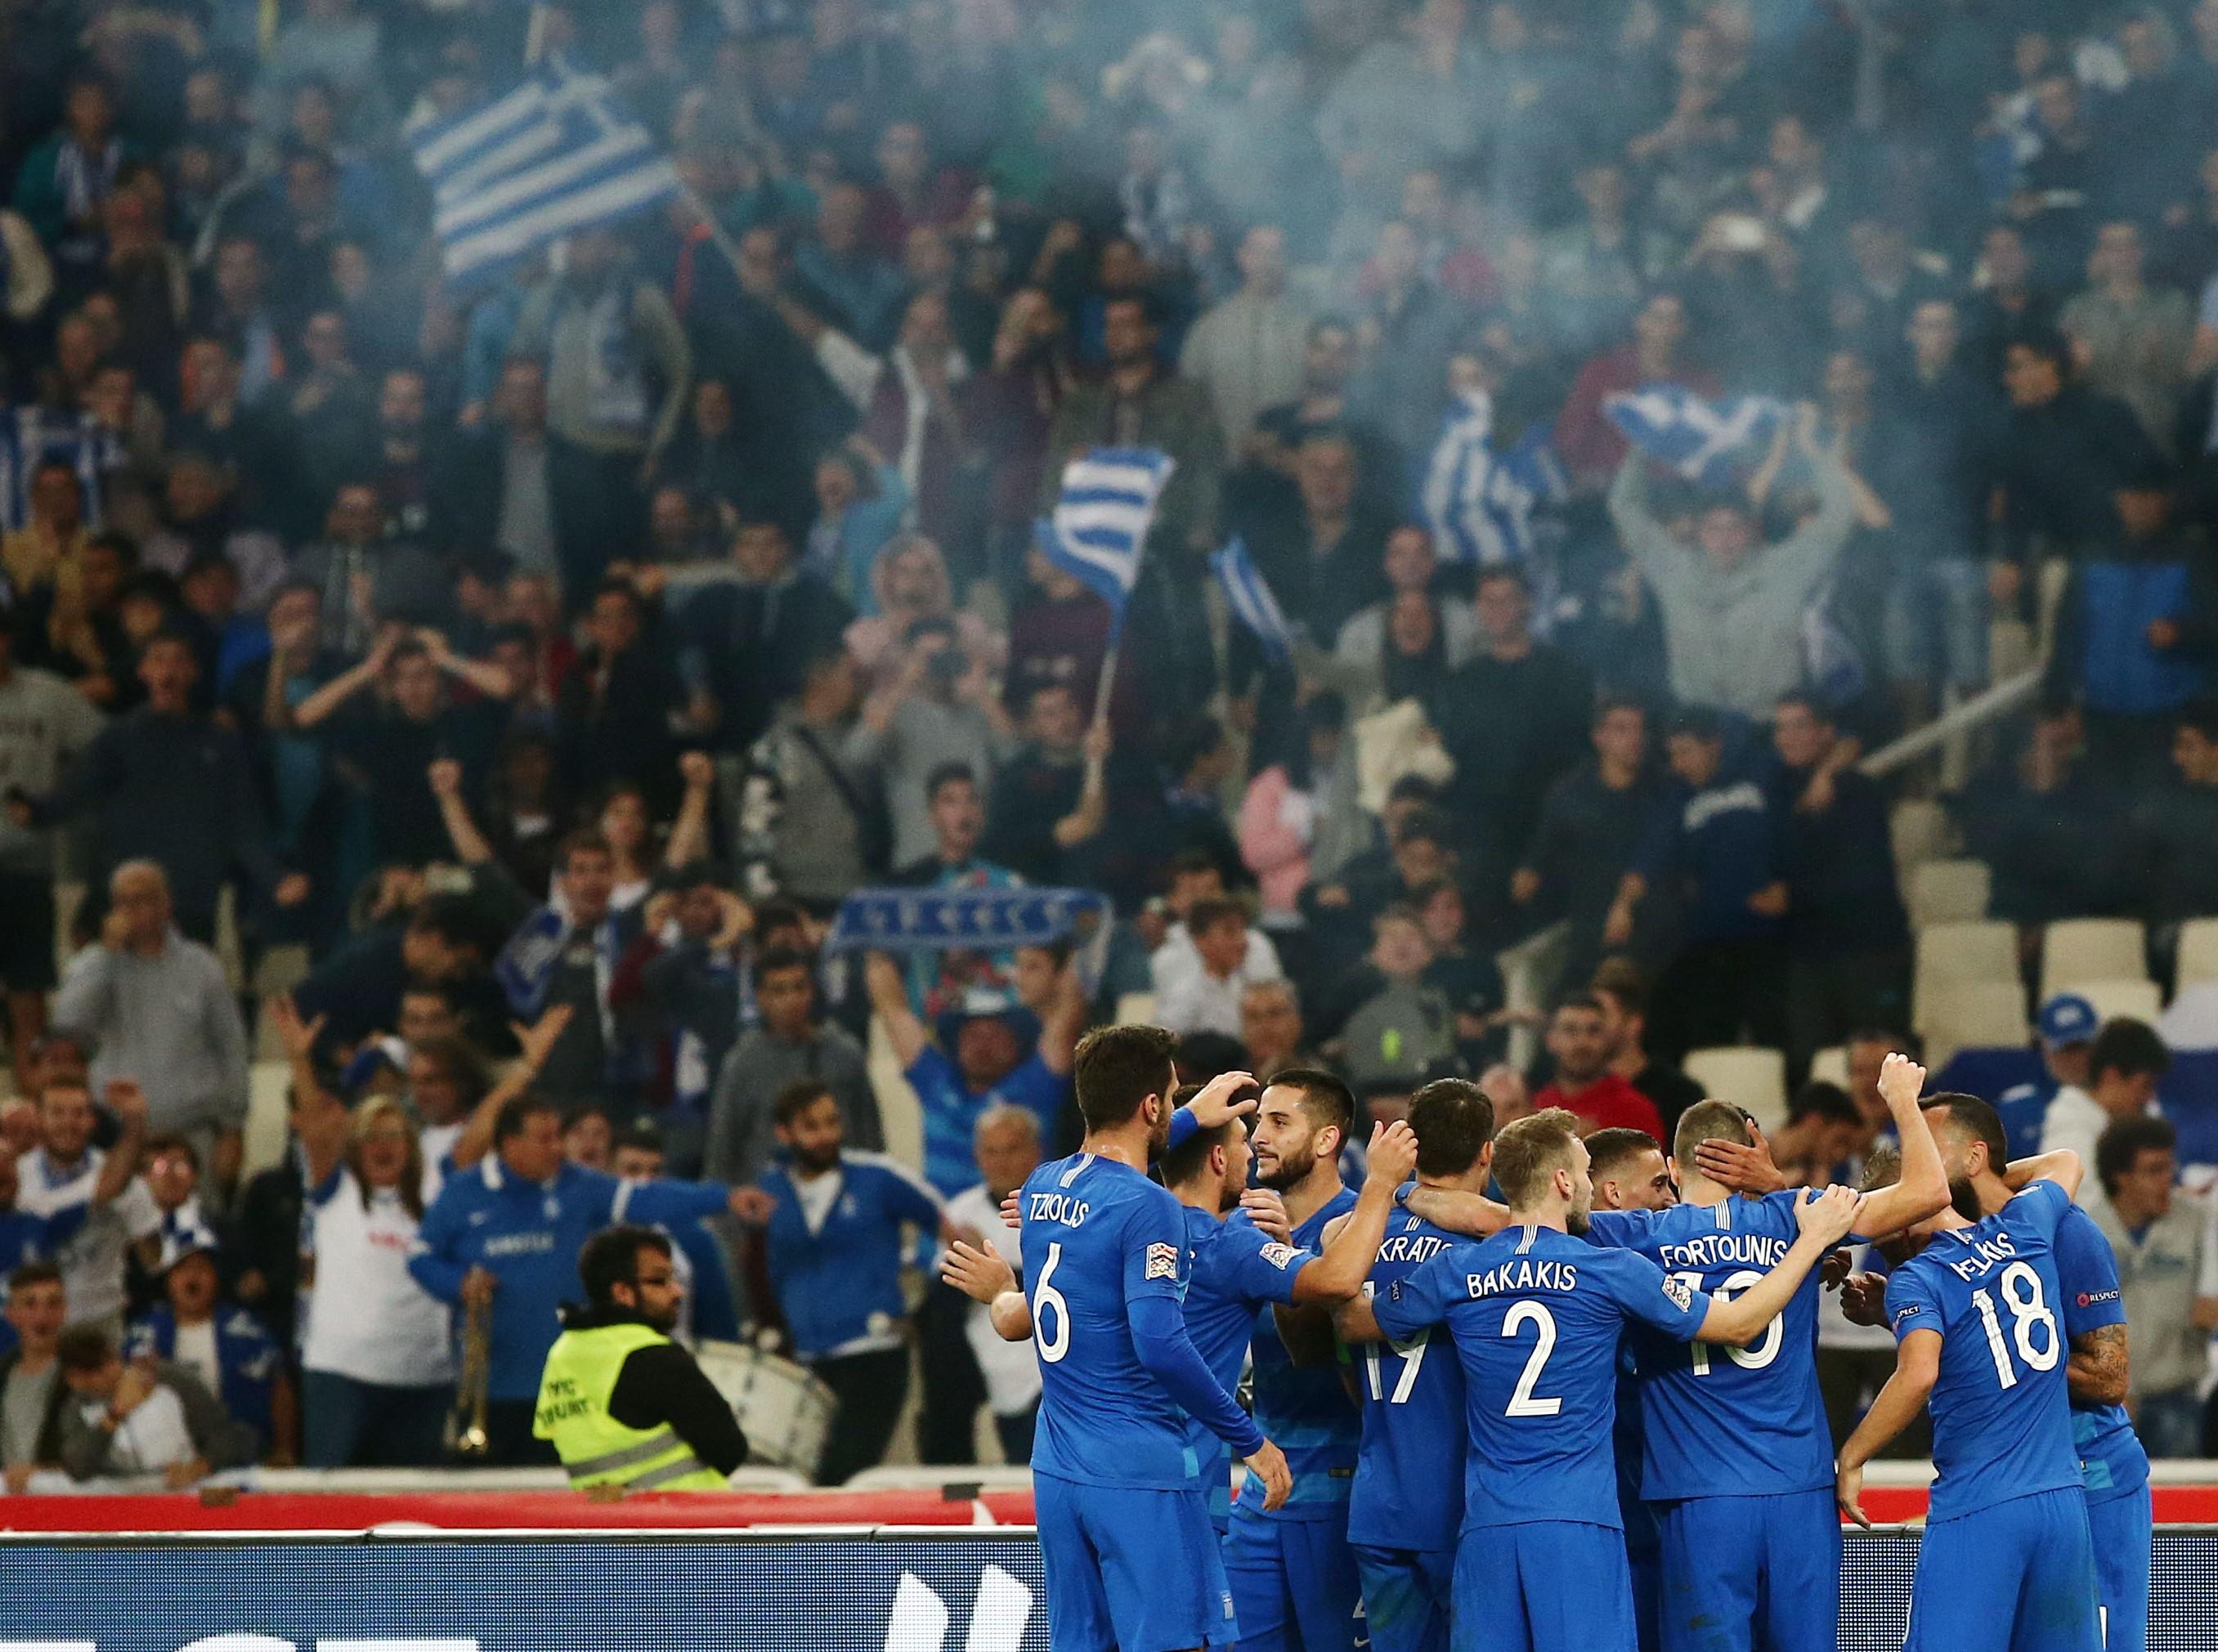 Με …Τσιάρτα, το Open TV στον αγώνα Ελλάδα-Εσθονία